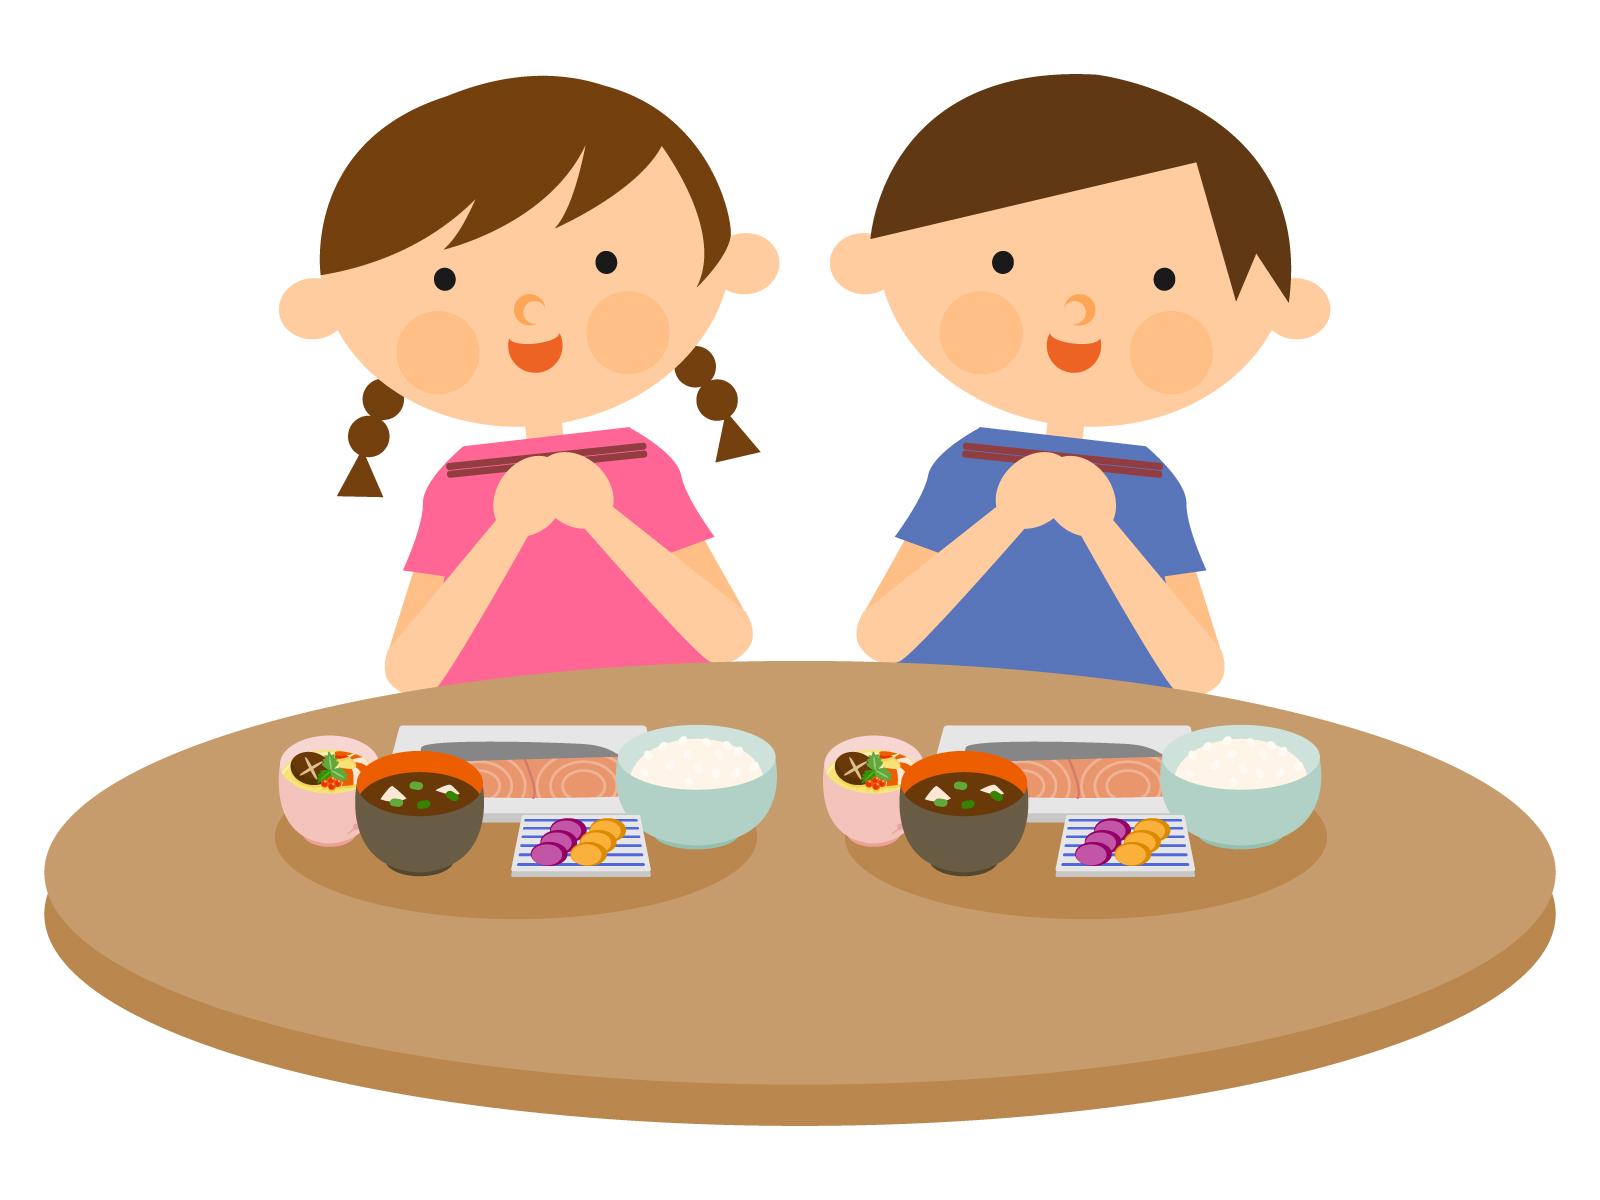 【食事のマナークイズ20問】子ども向け!!和食テーブルマナー等の食育問題!